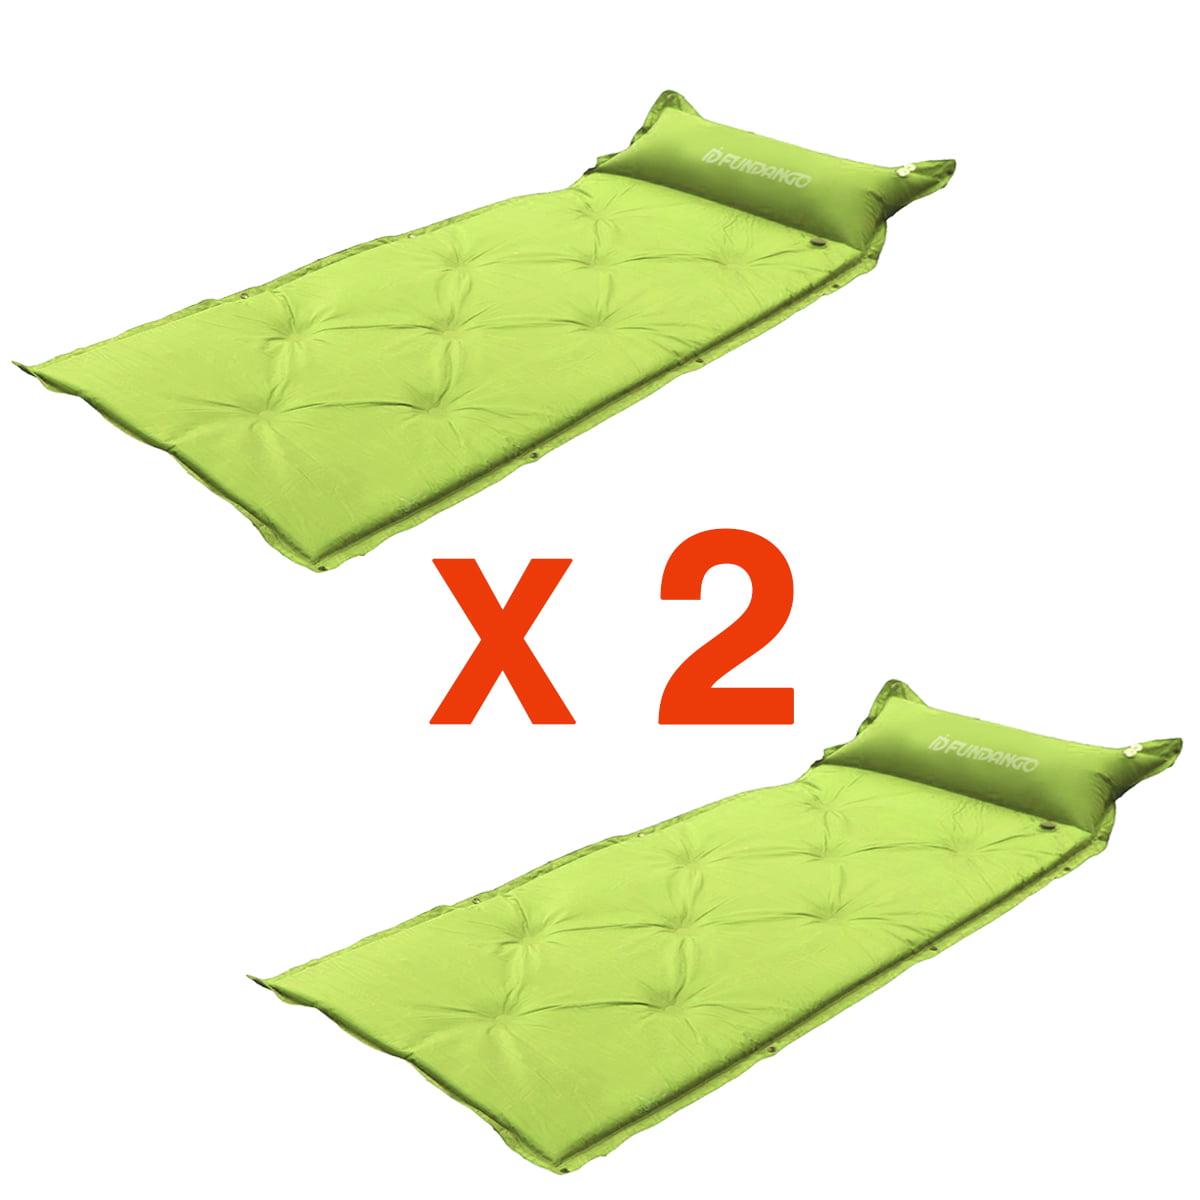 LOT 2X New Self Inflating Mattress Air Mat for Sleeping ...